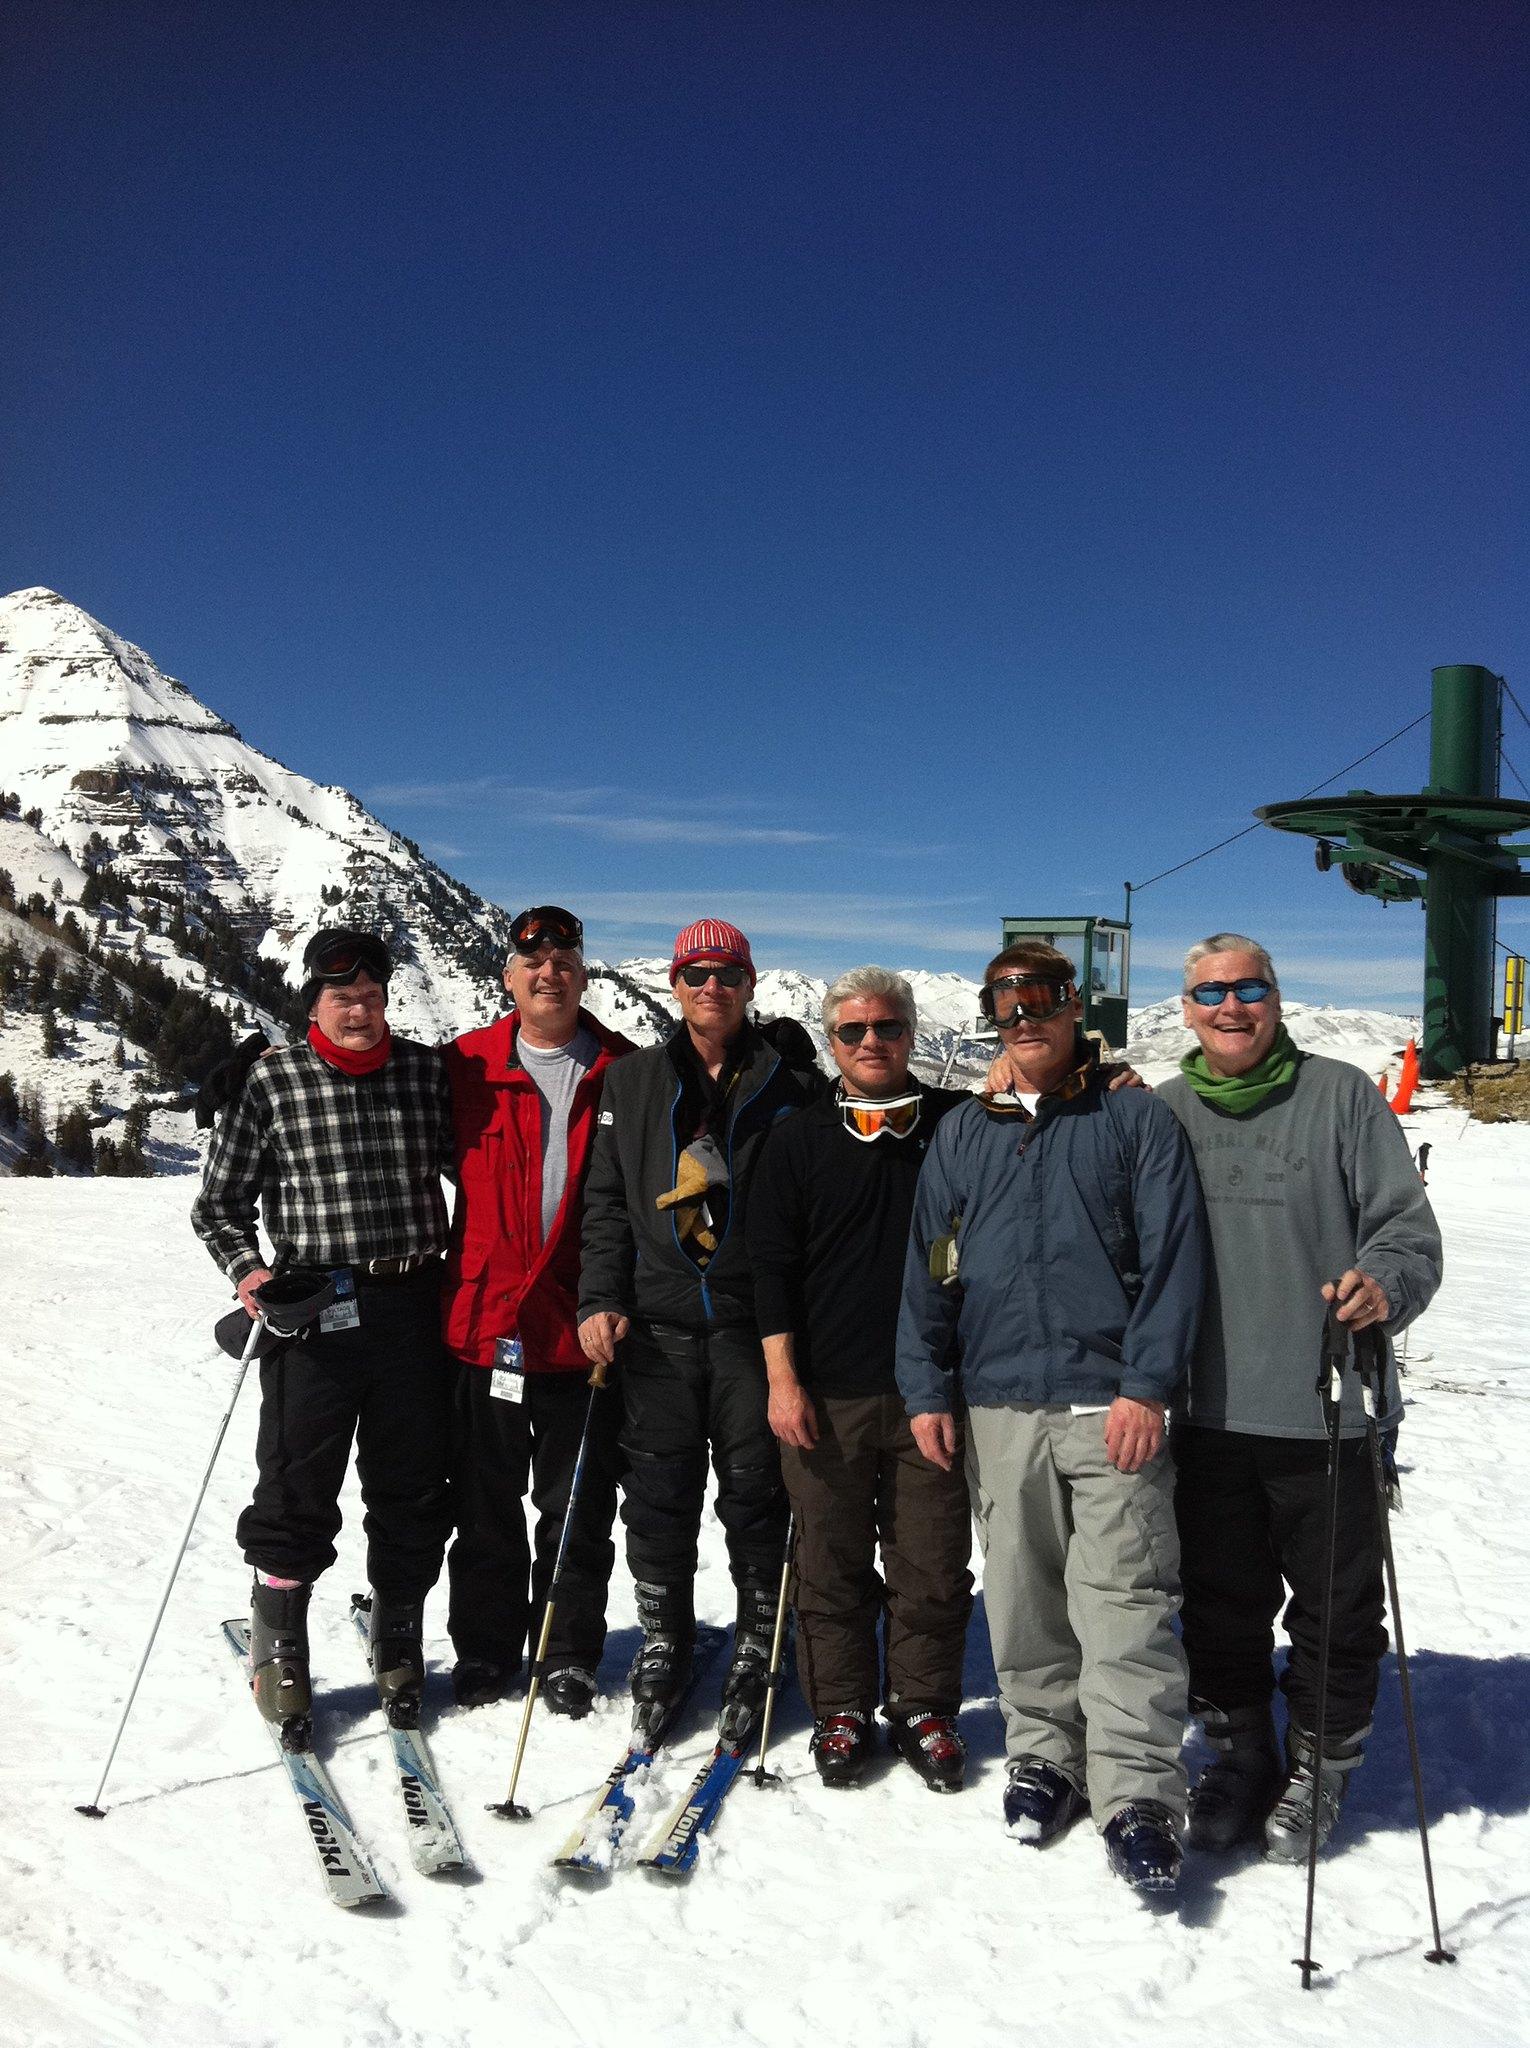 Family ski fun.